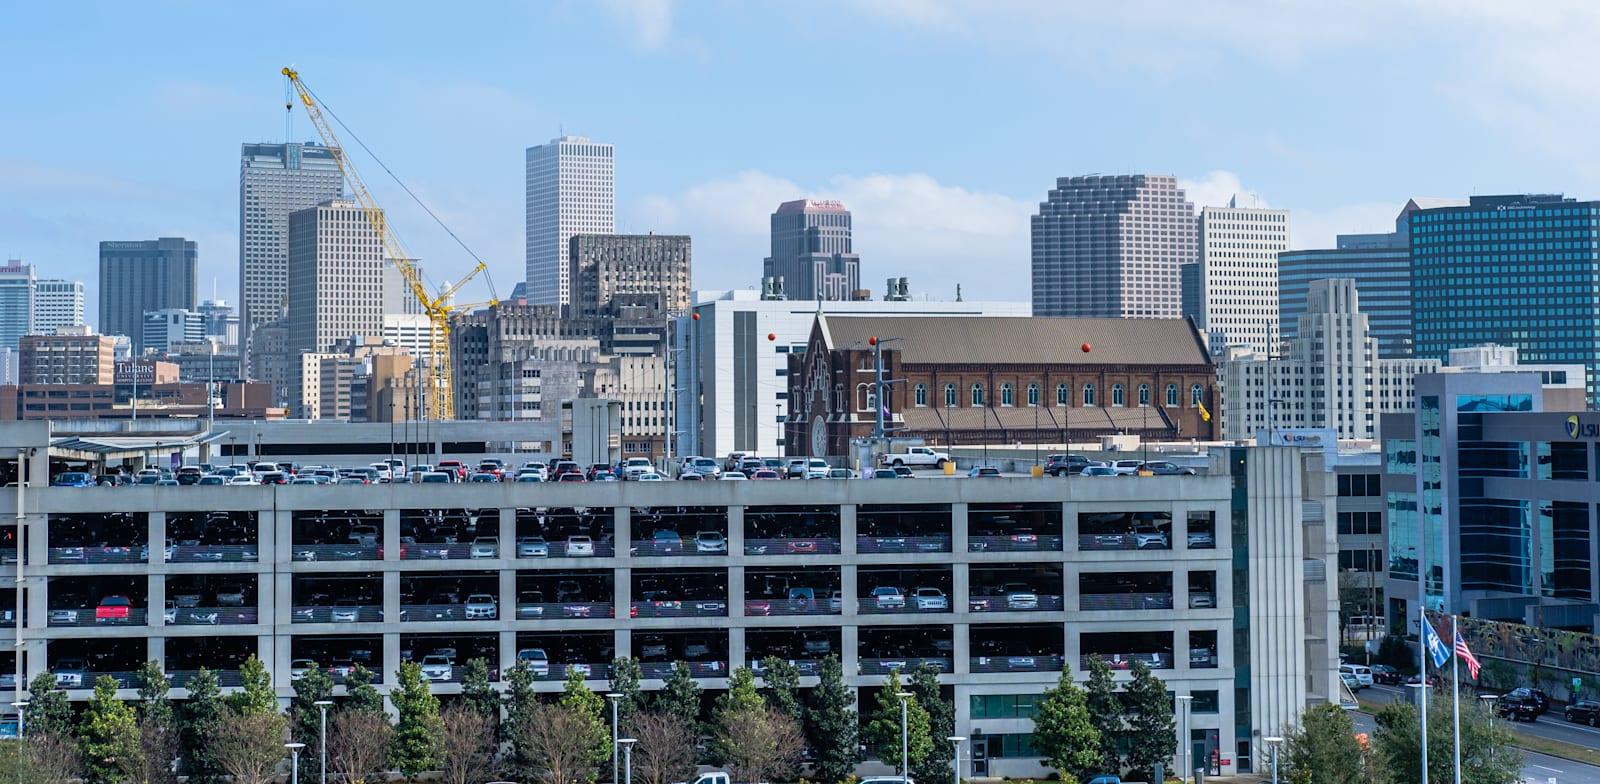 חניון בעיר ניו אורלינס. חברות חושבות מחדש איך להפעיל חניונים / צילום: Shutterstock